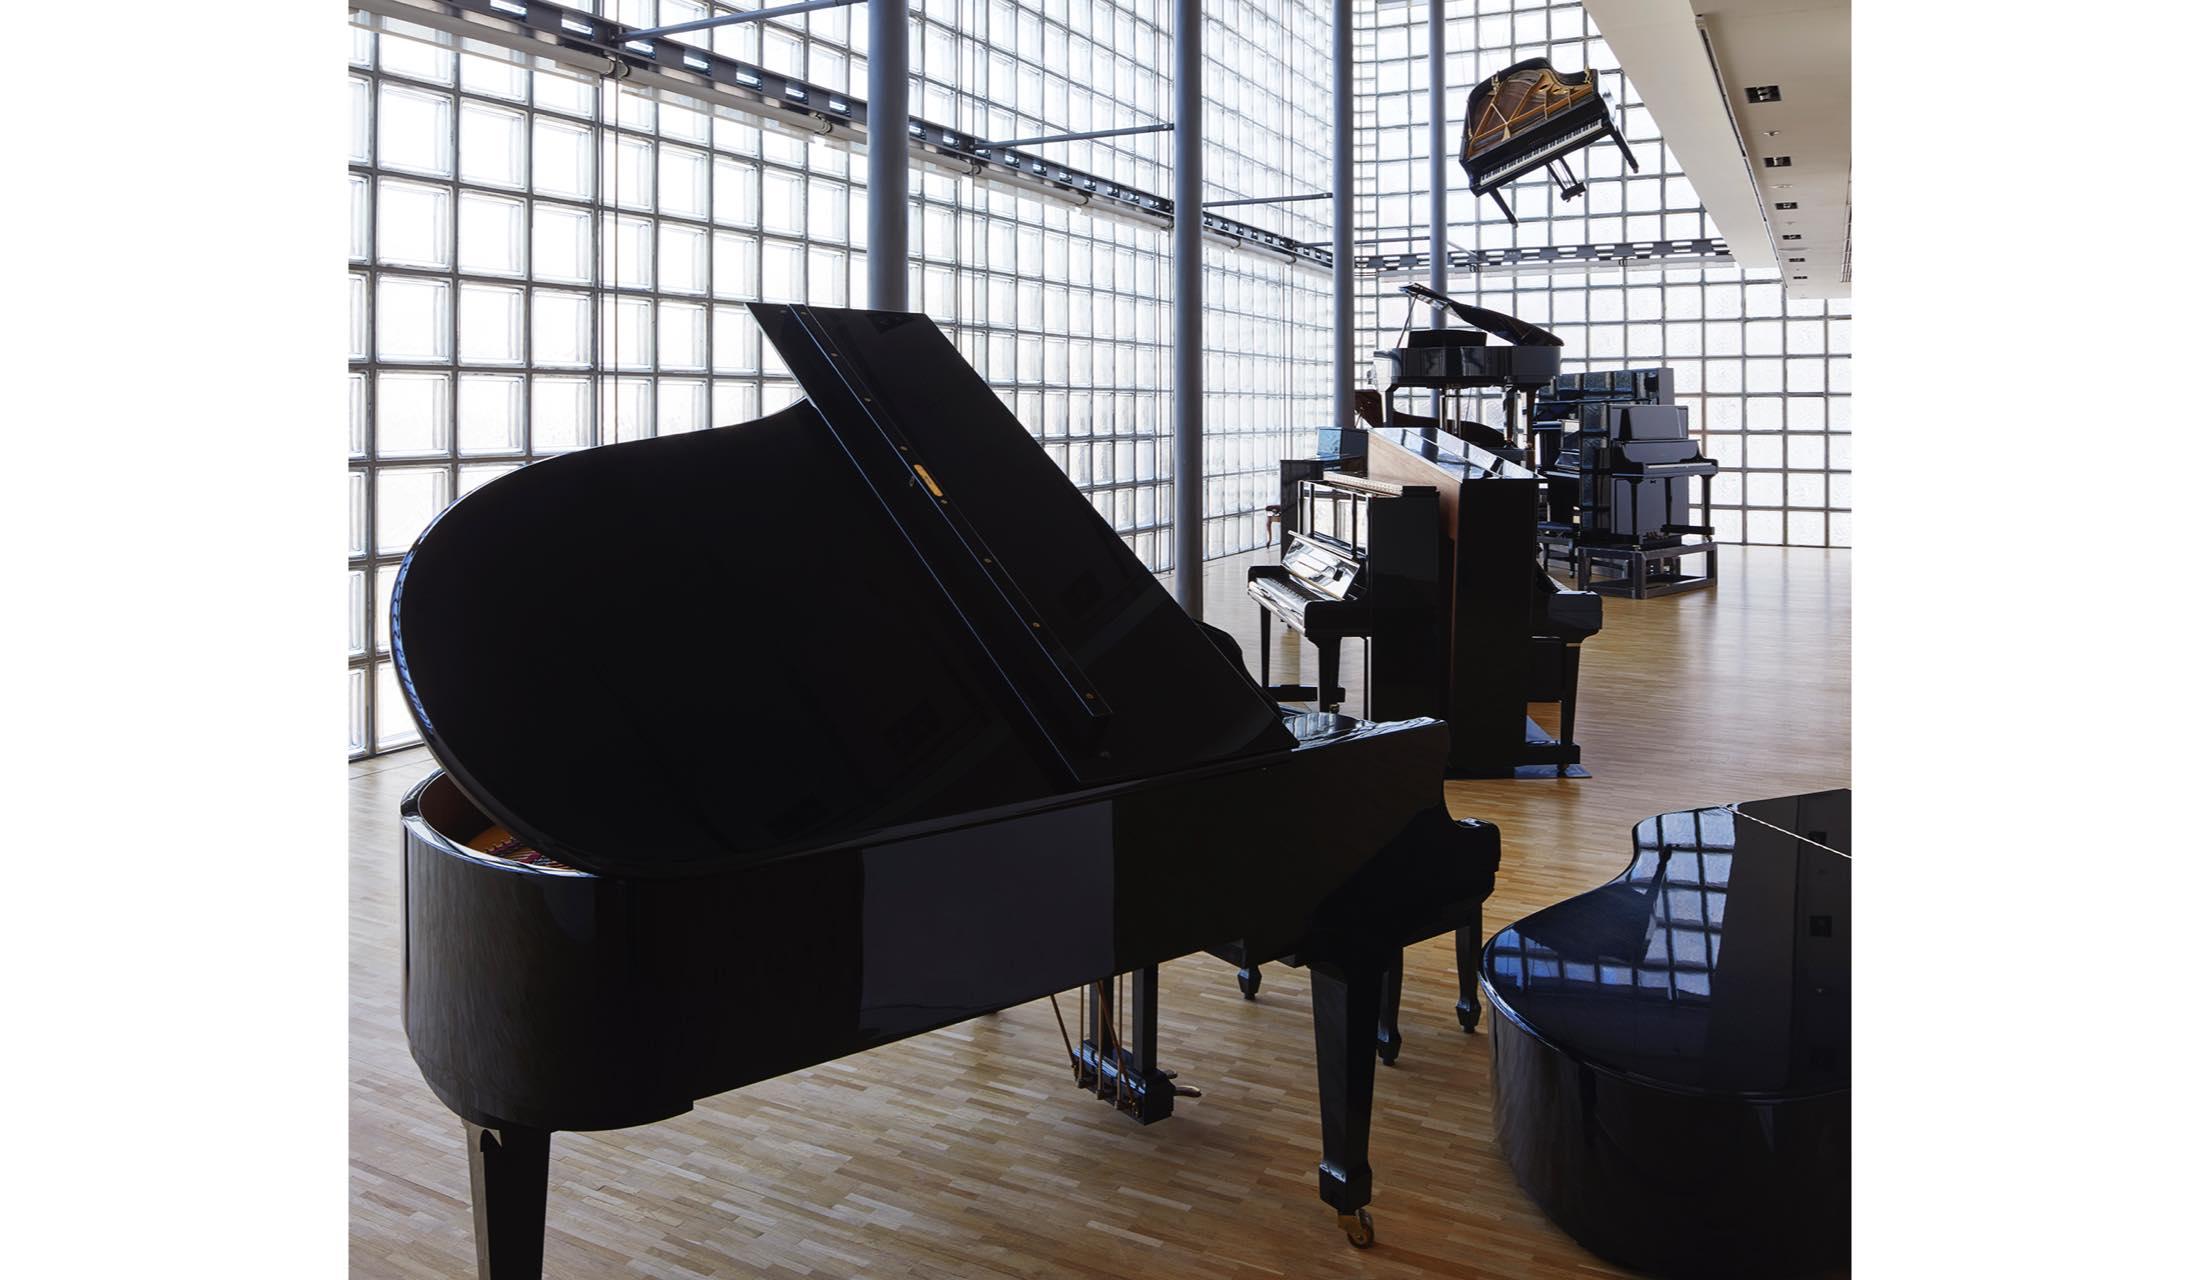 「メゾンエルメス フォーラム」で開催中の向井山朋子氏によるインスタレーション、『ピアニスト』の様子